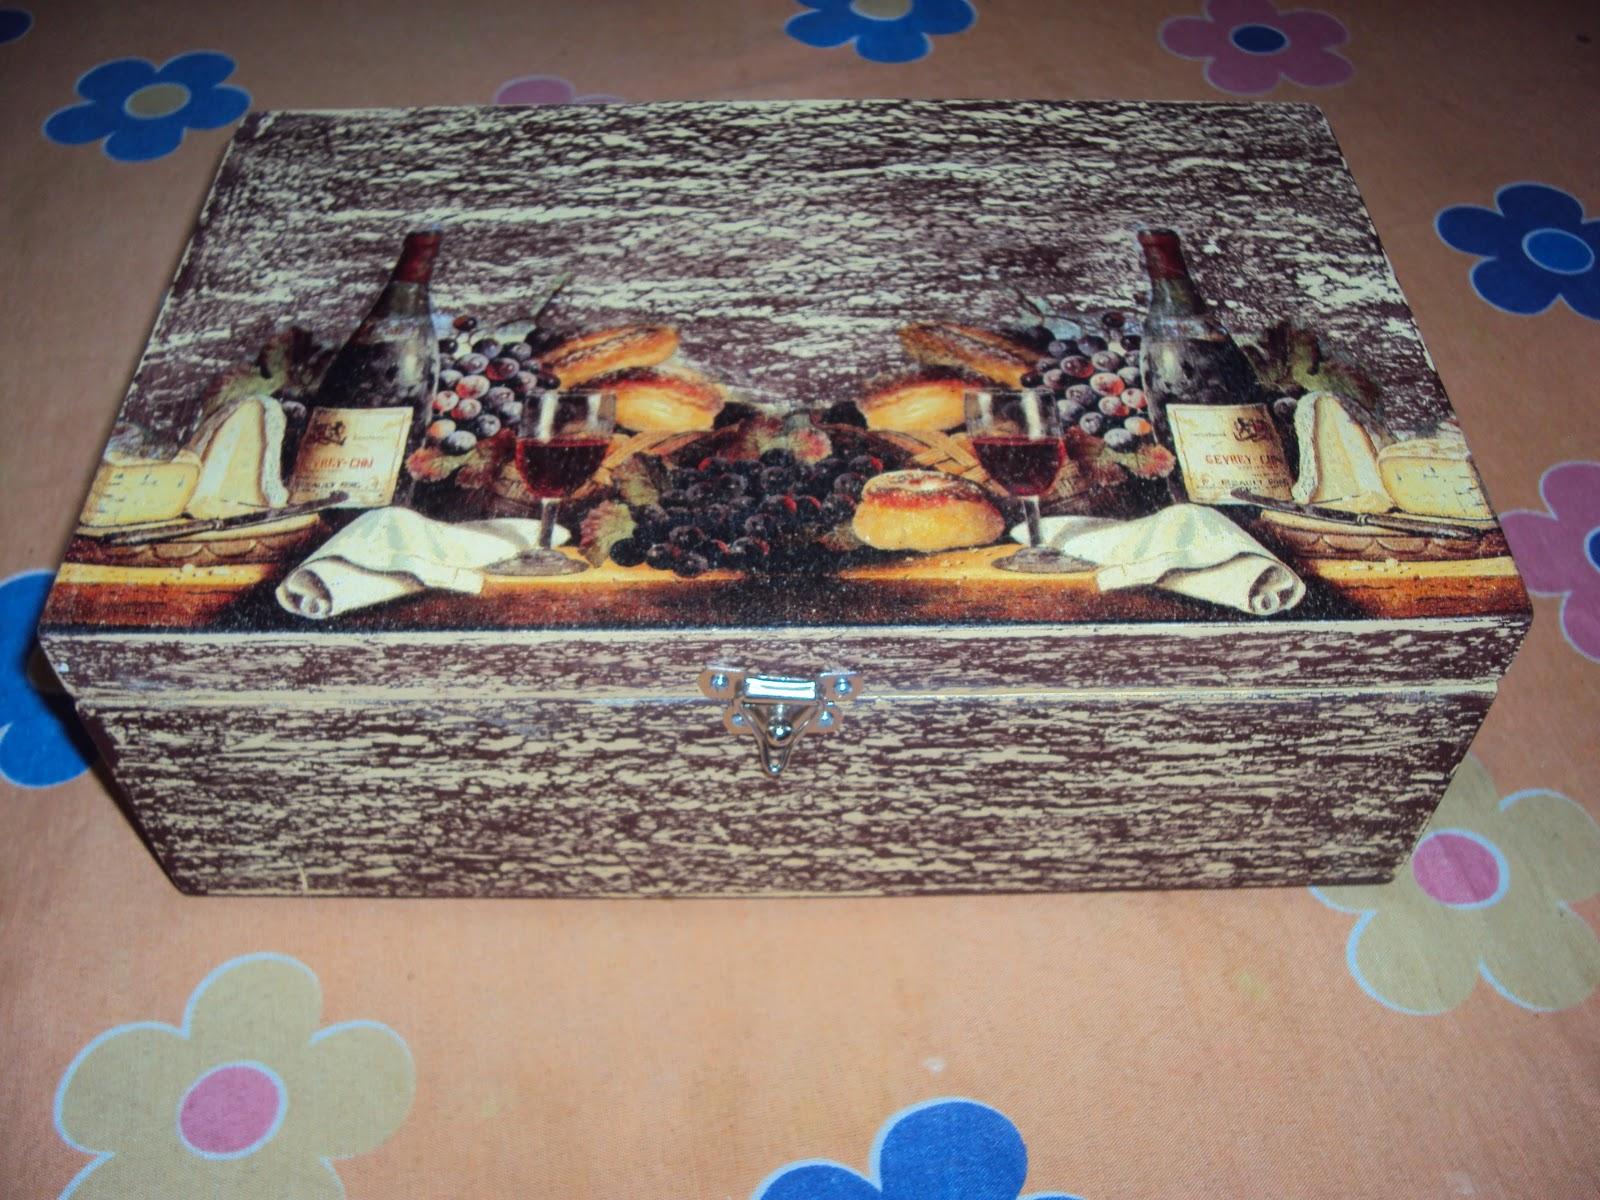 Fatima Pio: Artesanato em caixa de madeira #18396C 1600x1200